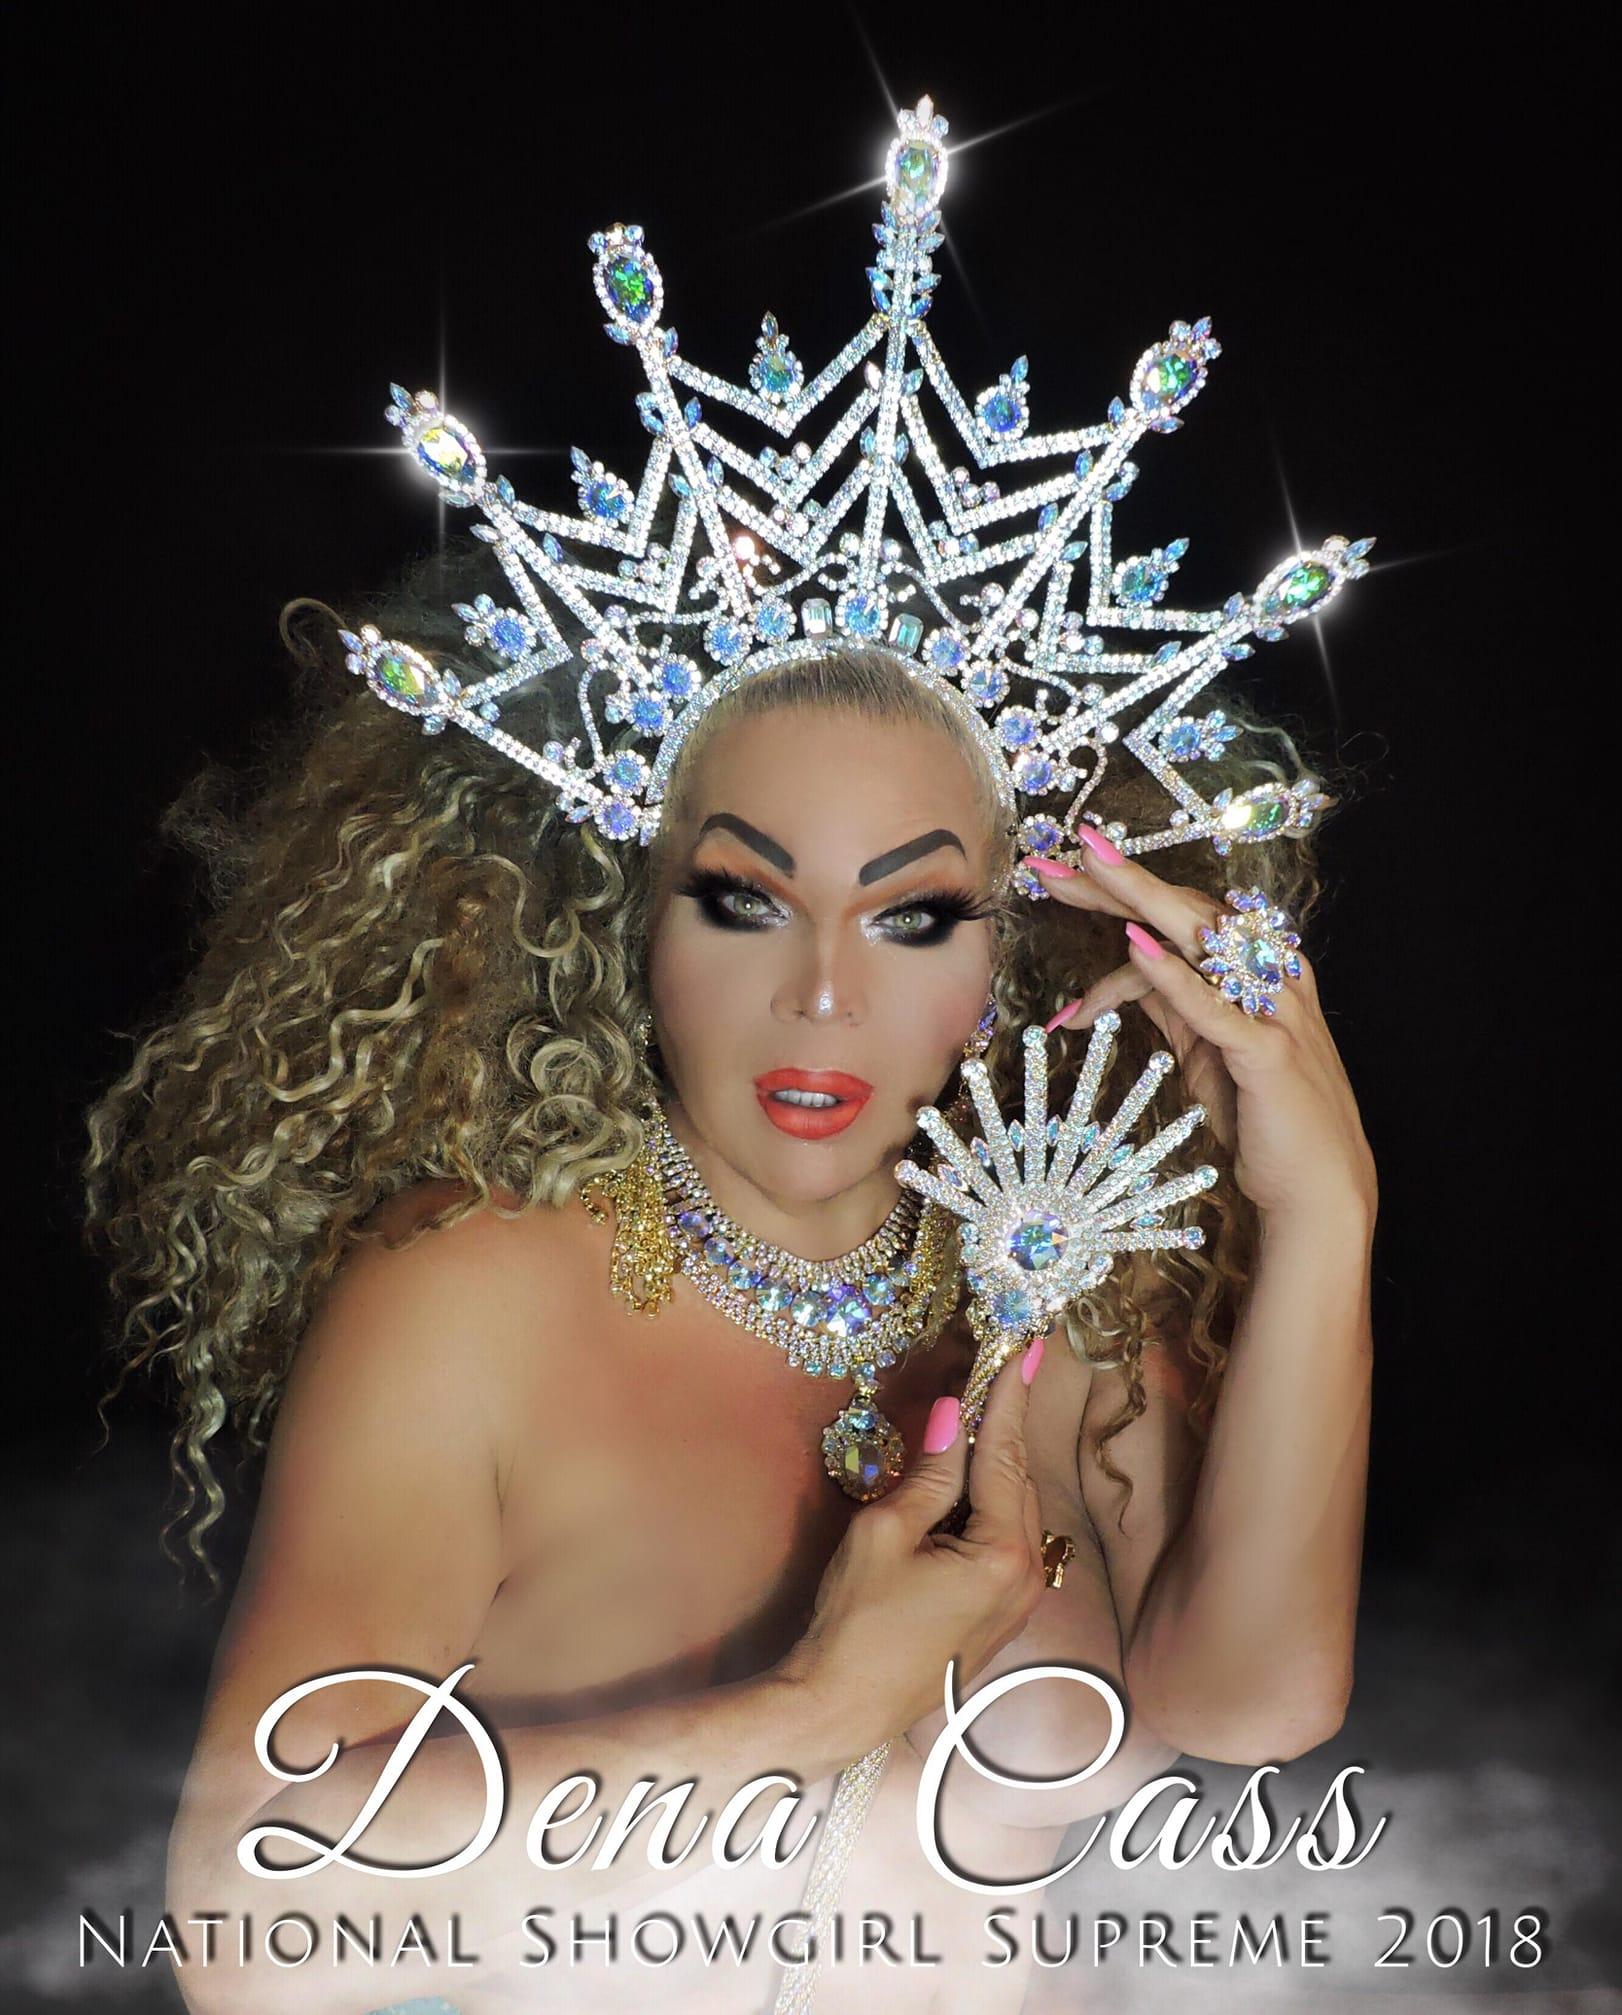 Dena Cass